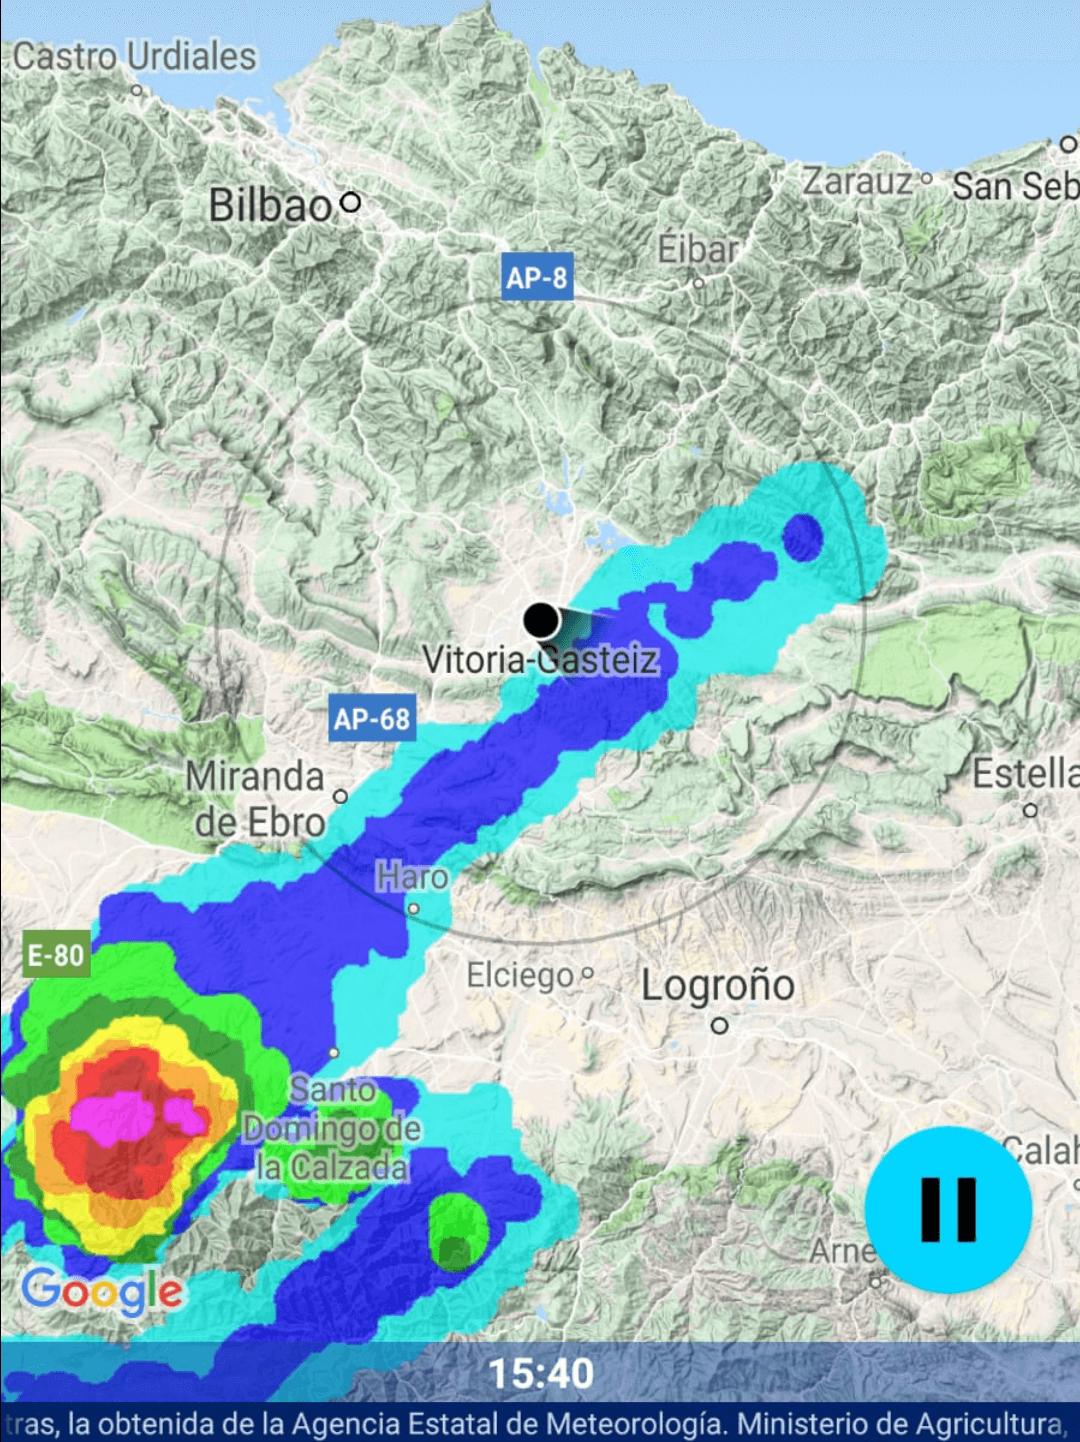 Hasta 70 incidencias registradas por SOS Rioja por la tormenta de este viernes 1